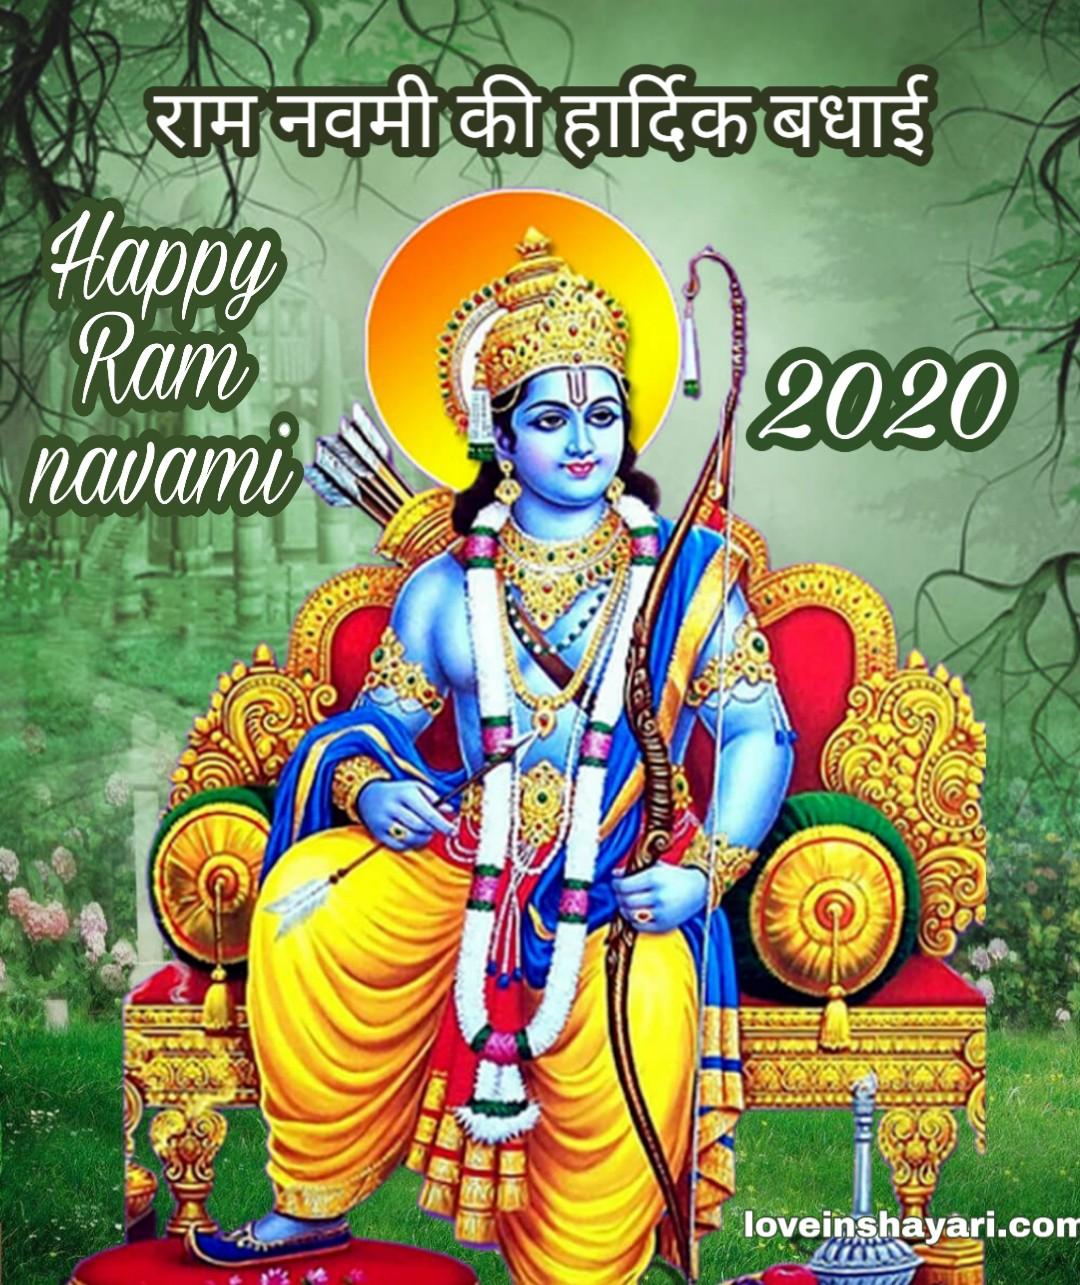 Ram navami status whatsapp status